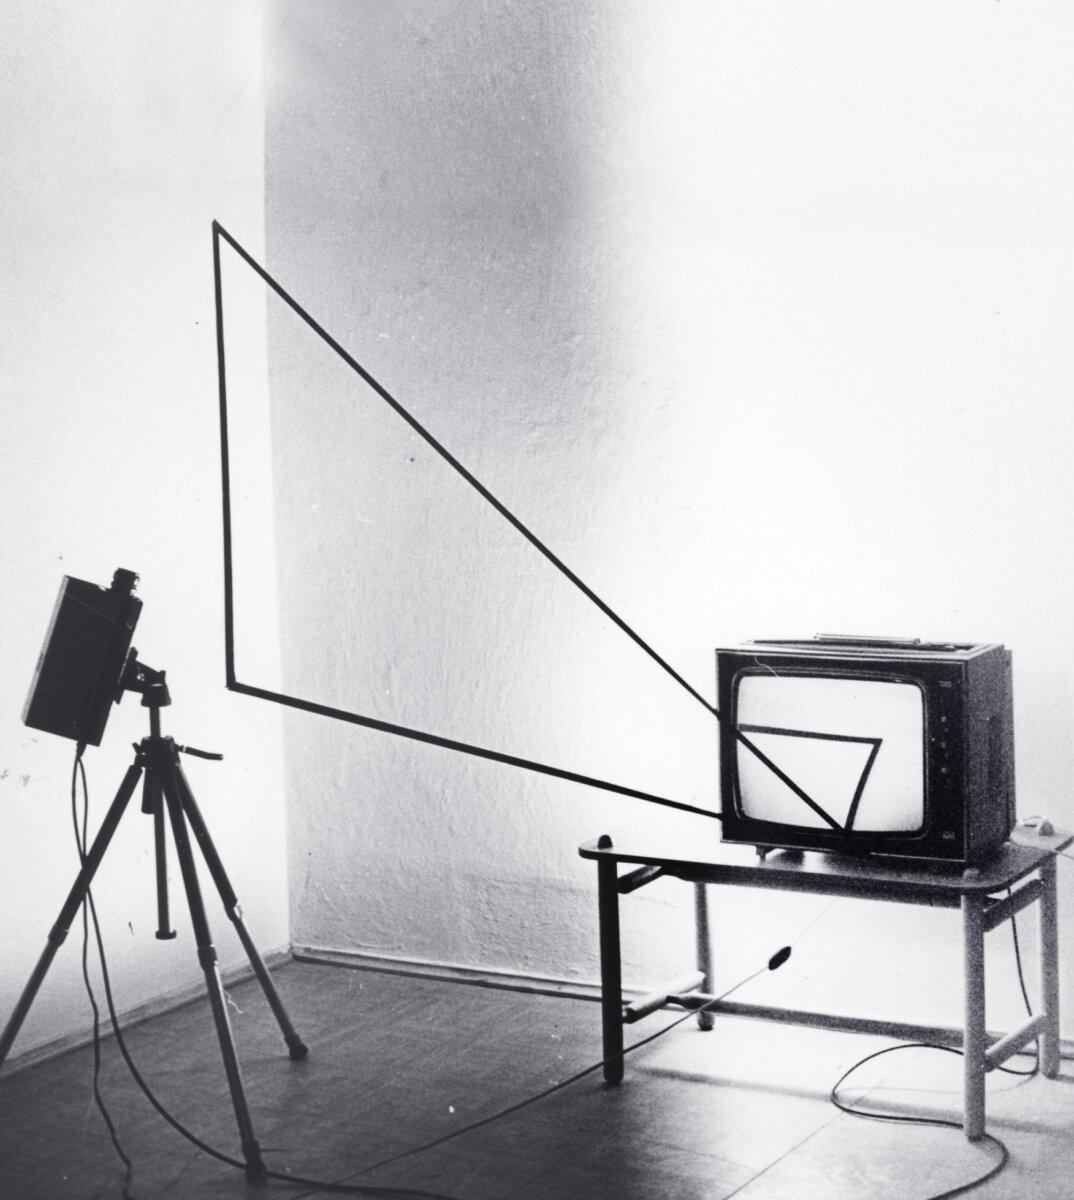 Andrzej Paruzel, Trójkąt, 1977, video-fotografia, 18 x 22 cm, odbitka żelatynowo-srebrowa, vintage,  sygnowana, edycja 810